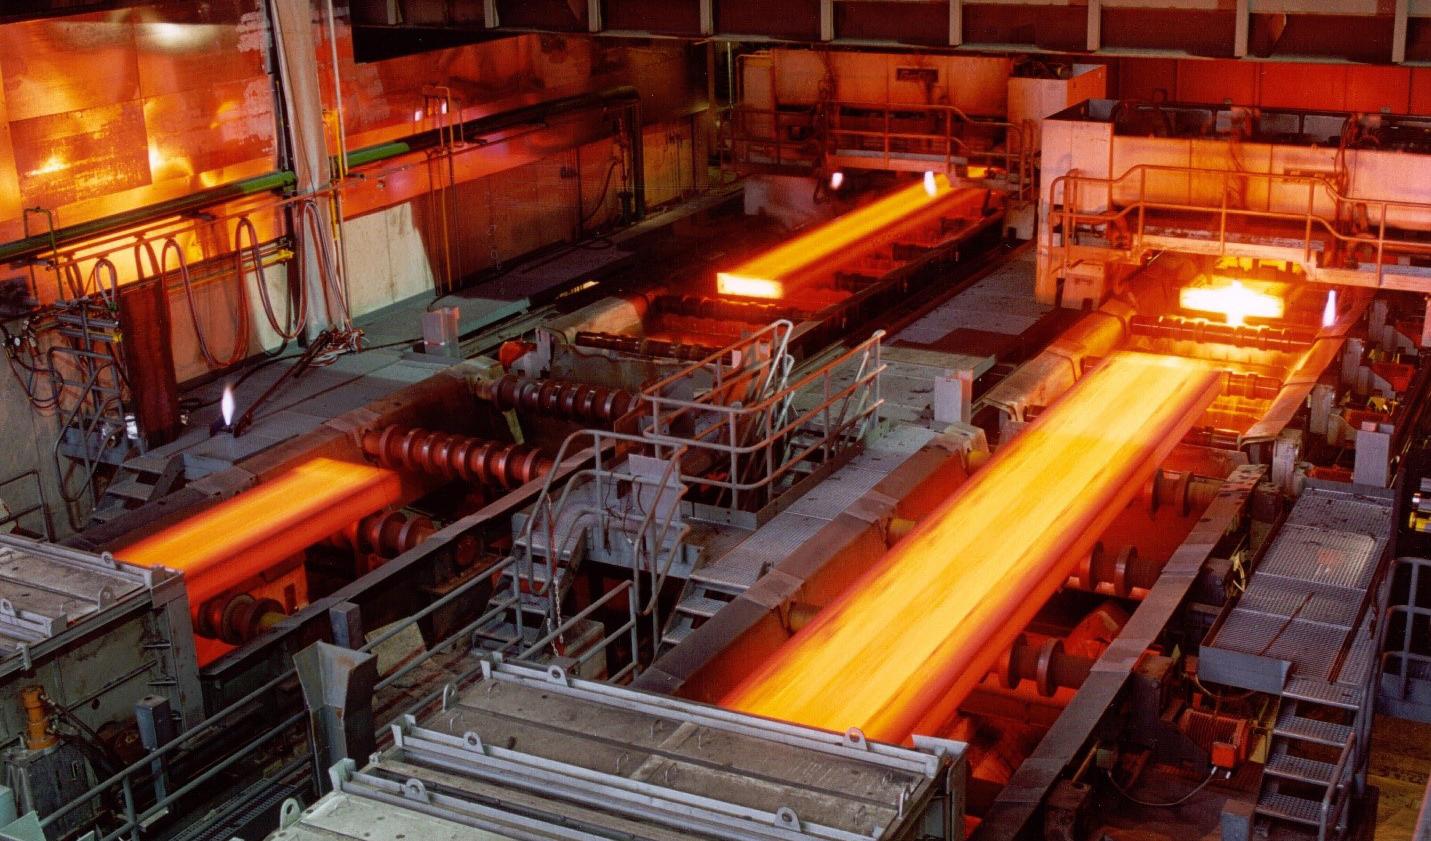 کلاف سردرگم قیمت گذاری فولاد باز می شود؟